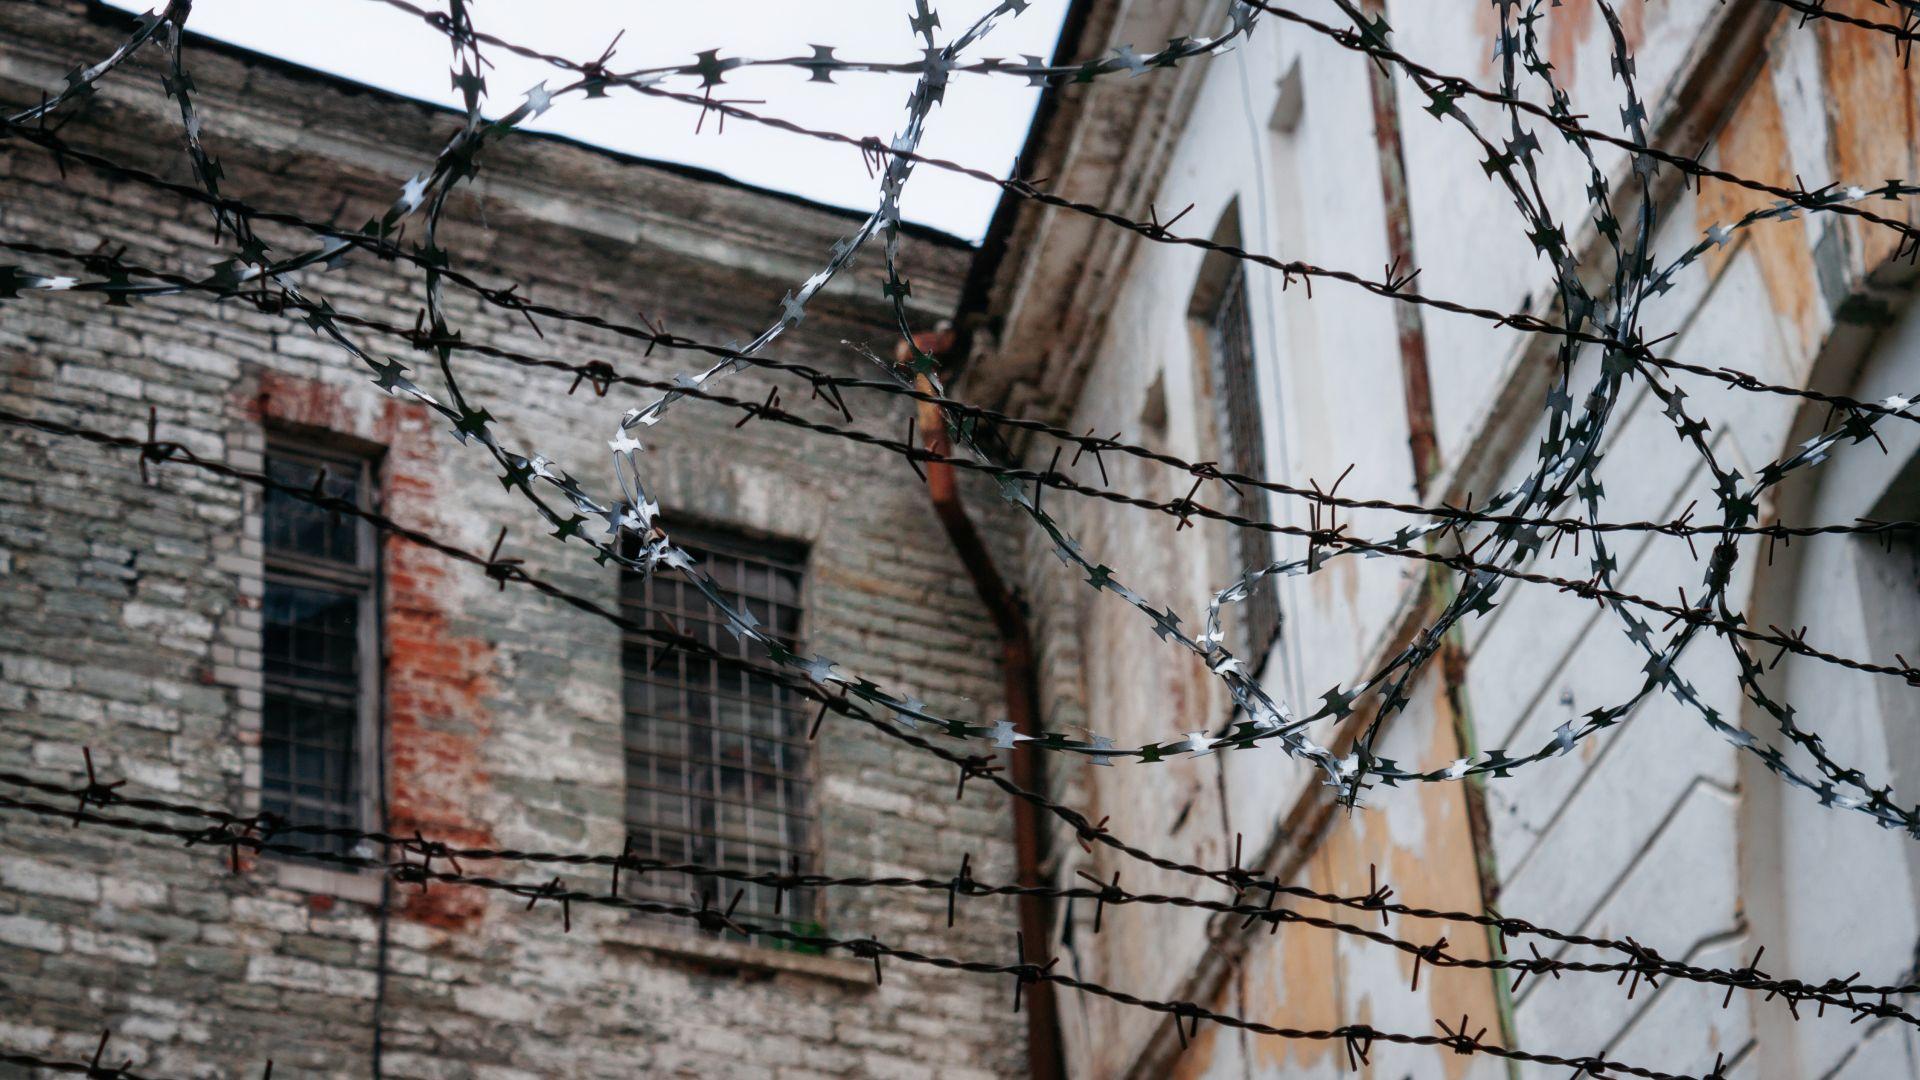 22 години затвор за руски киберспециалисти, обвинени в държавна измяна